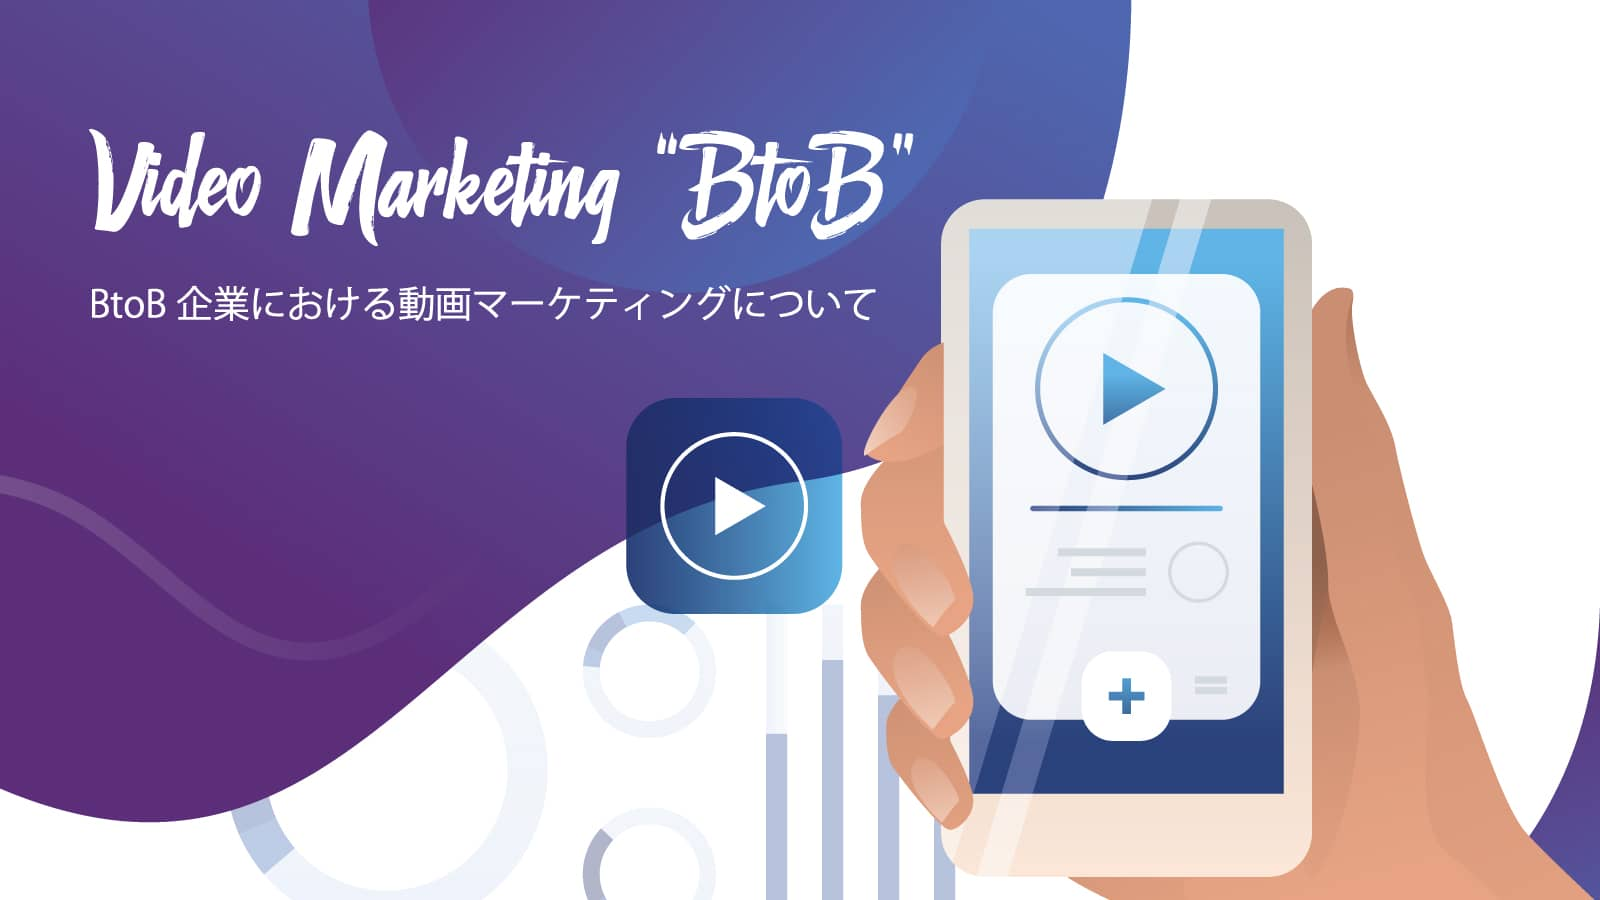 BtoB企業における動画マーケティングについて